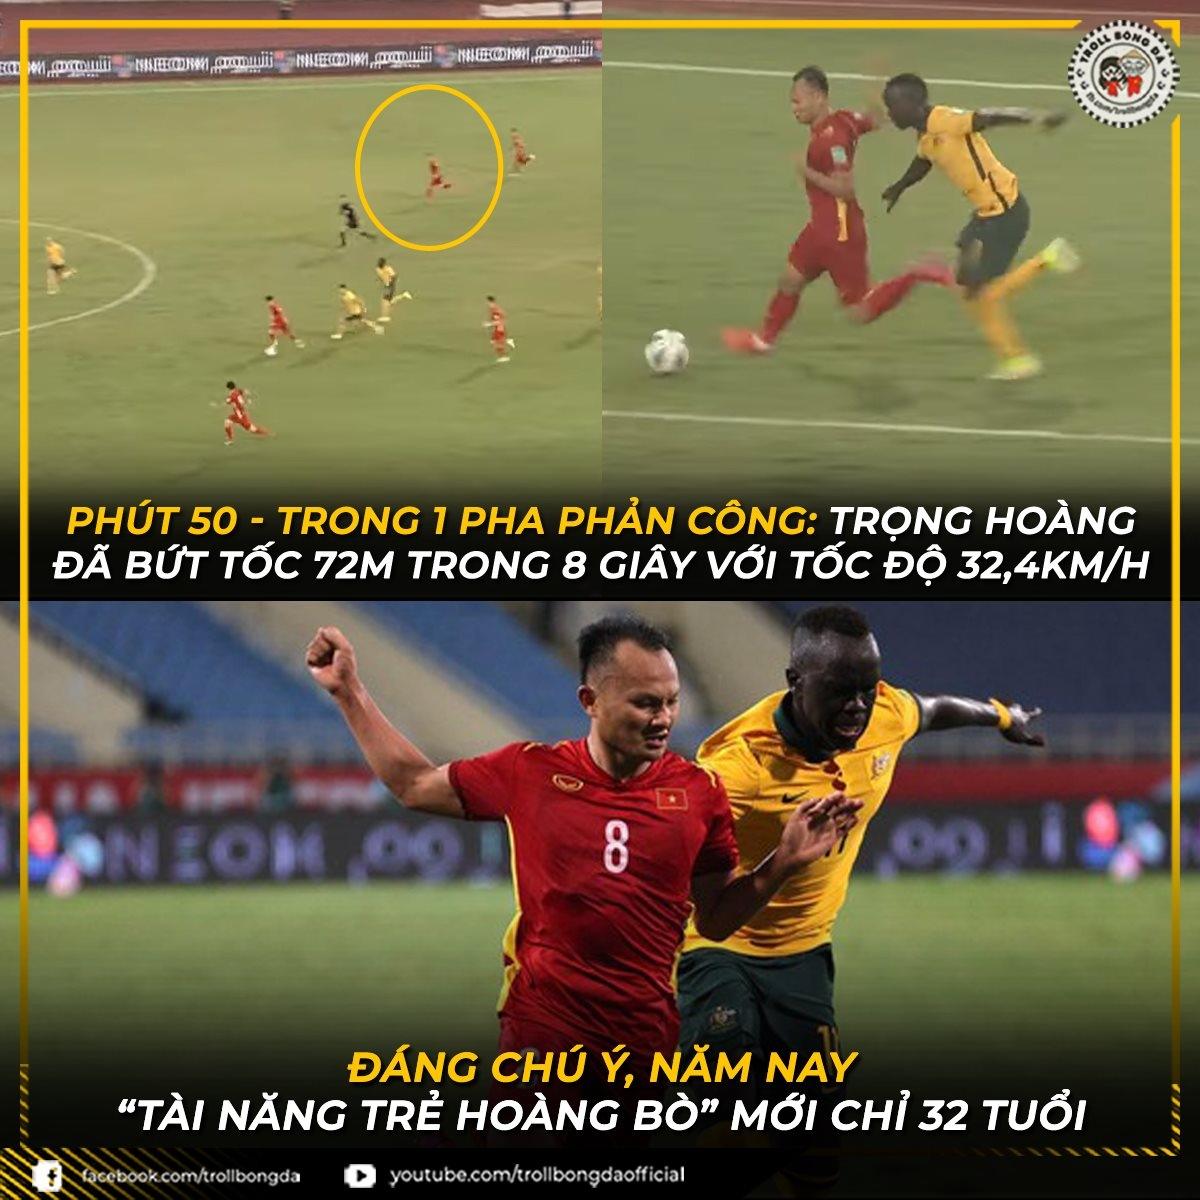 Biếm họa 24h: ĐT Việt Nam căng mình đua vé dự World Cup 2022 - Ảnh 5.